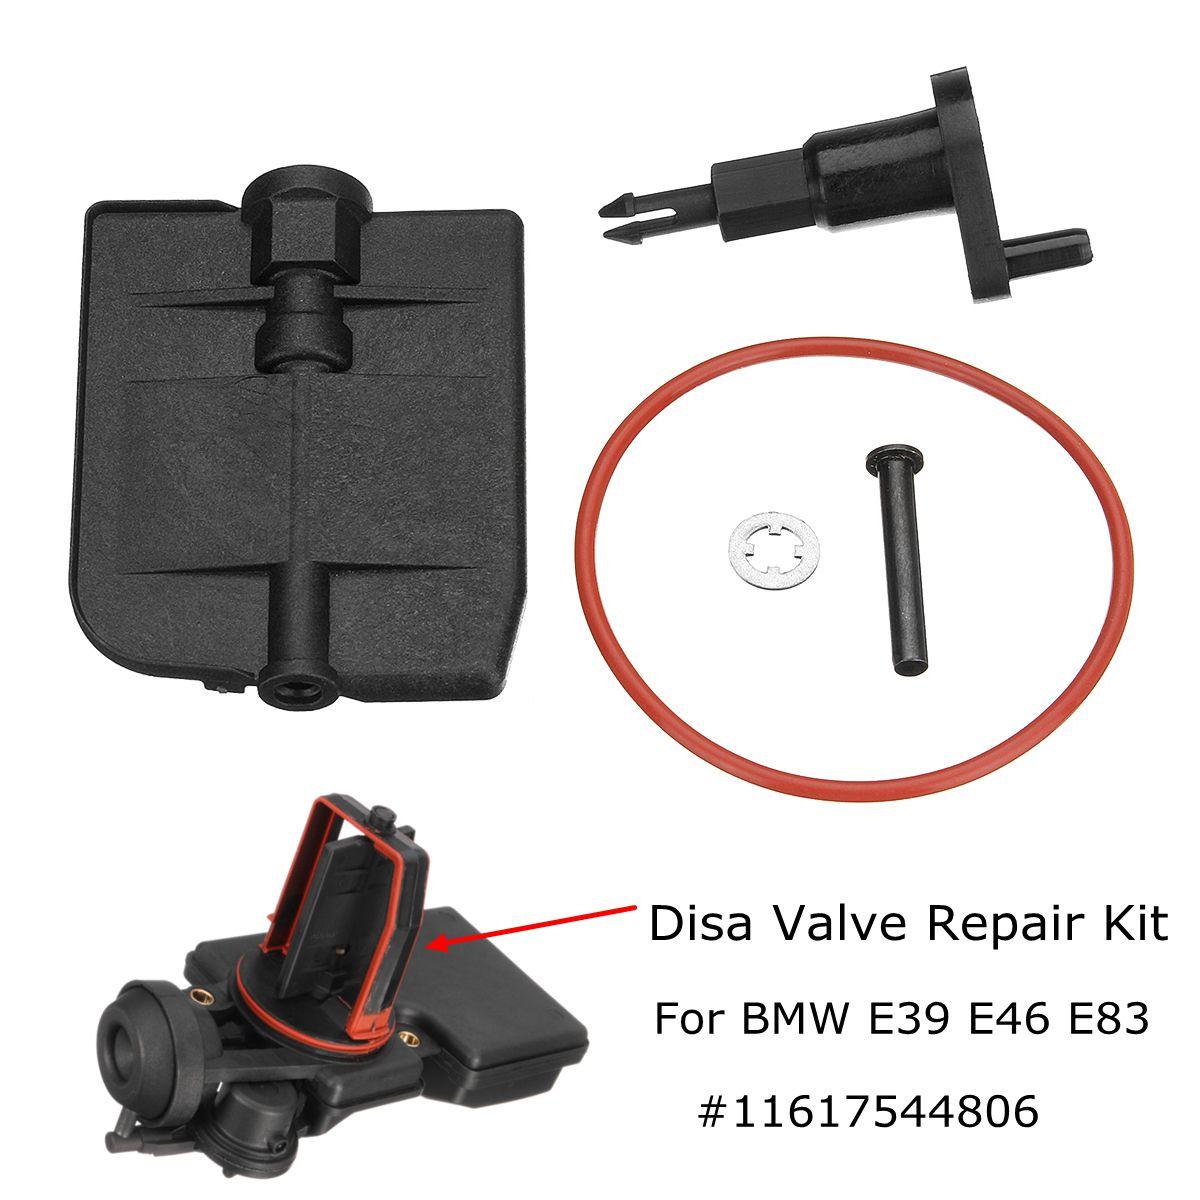 インテークマニホールド DISA バルブ修理キット 11617544806 bmw E39 E46 E83 325i 525i M54 2.5 2001-2006